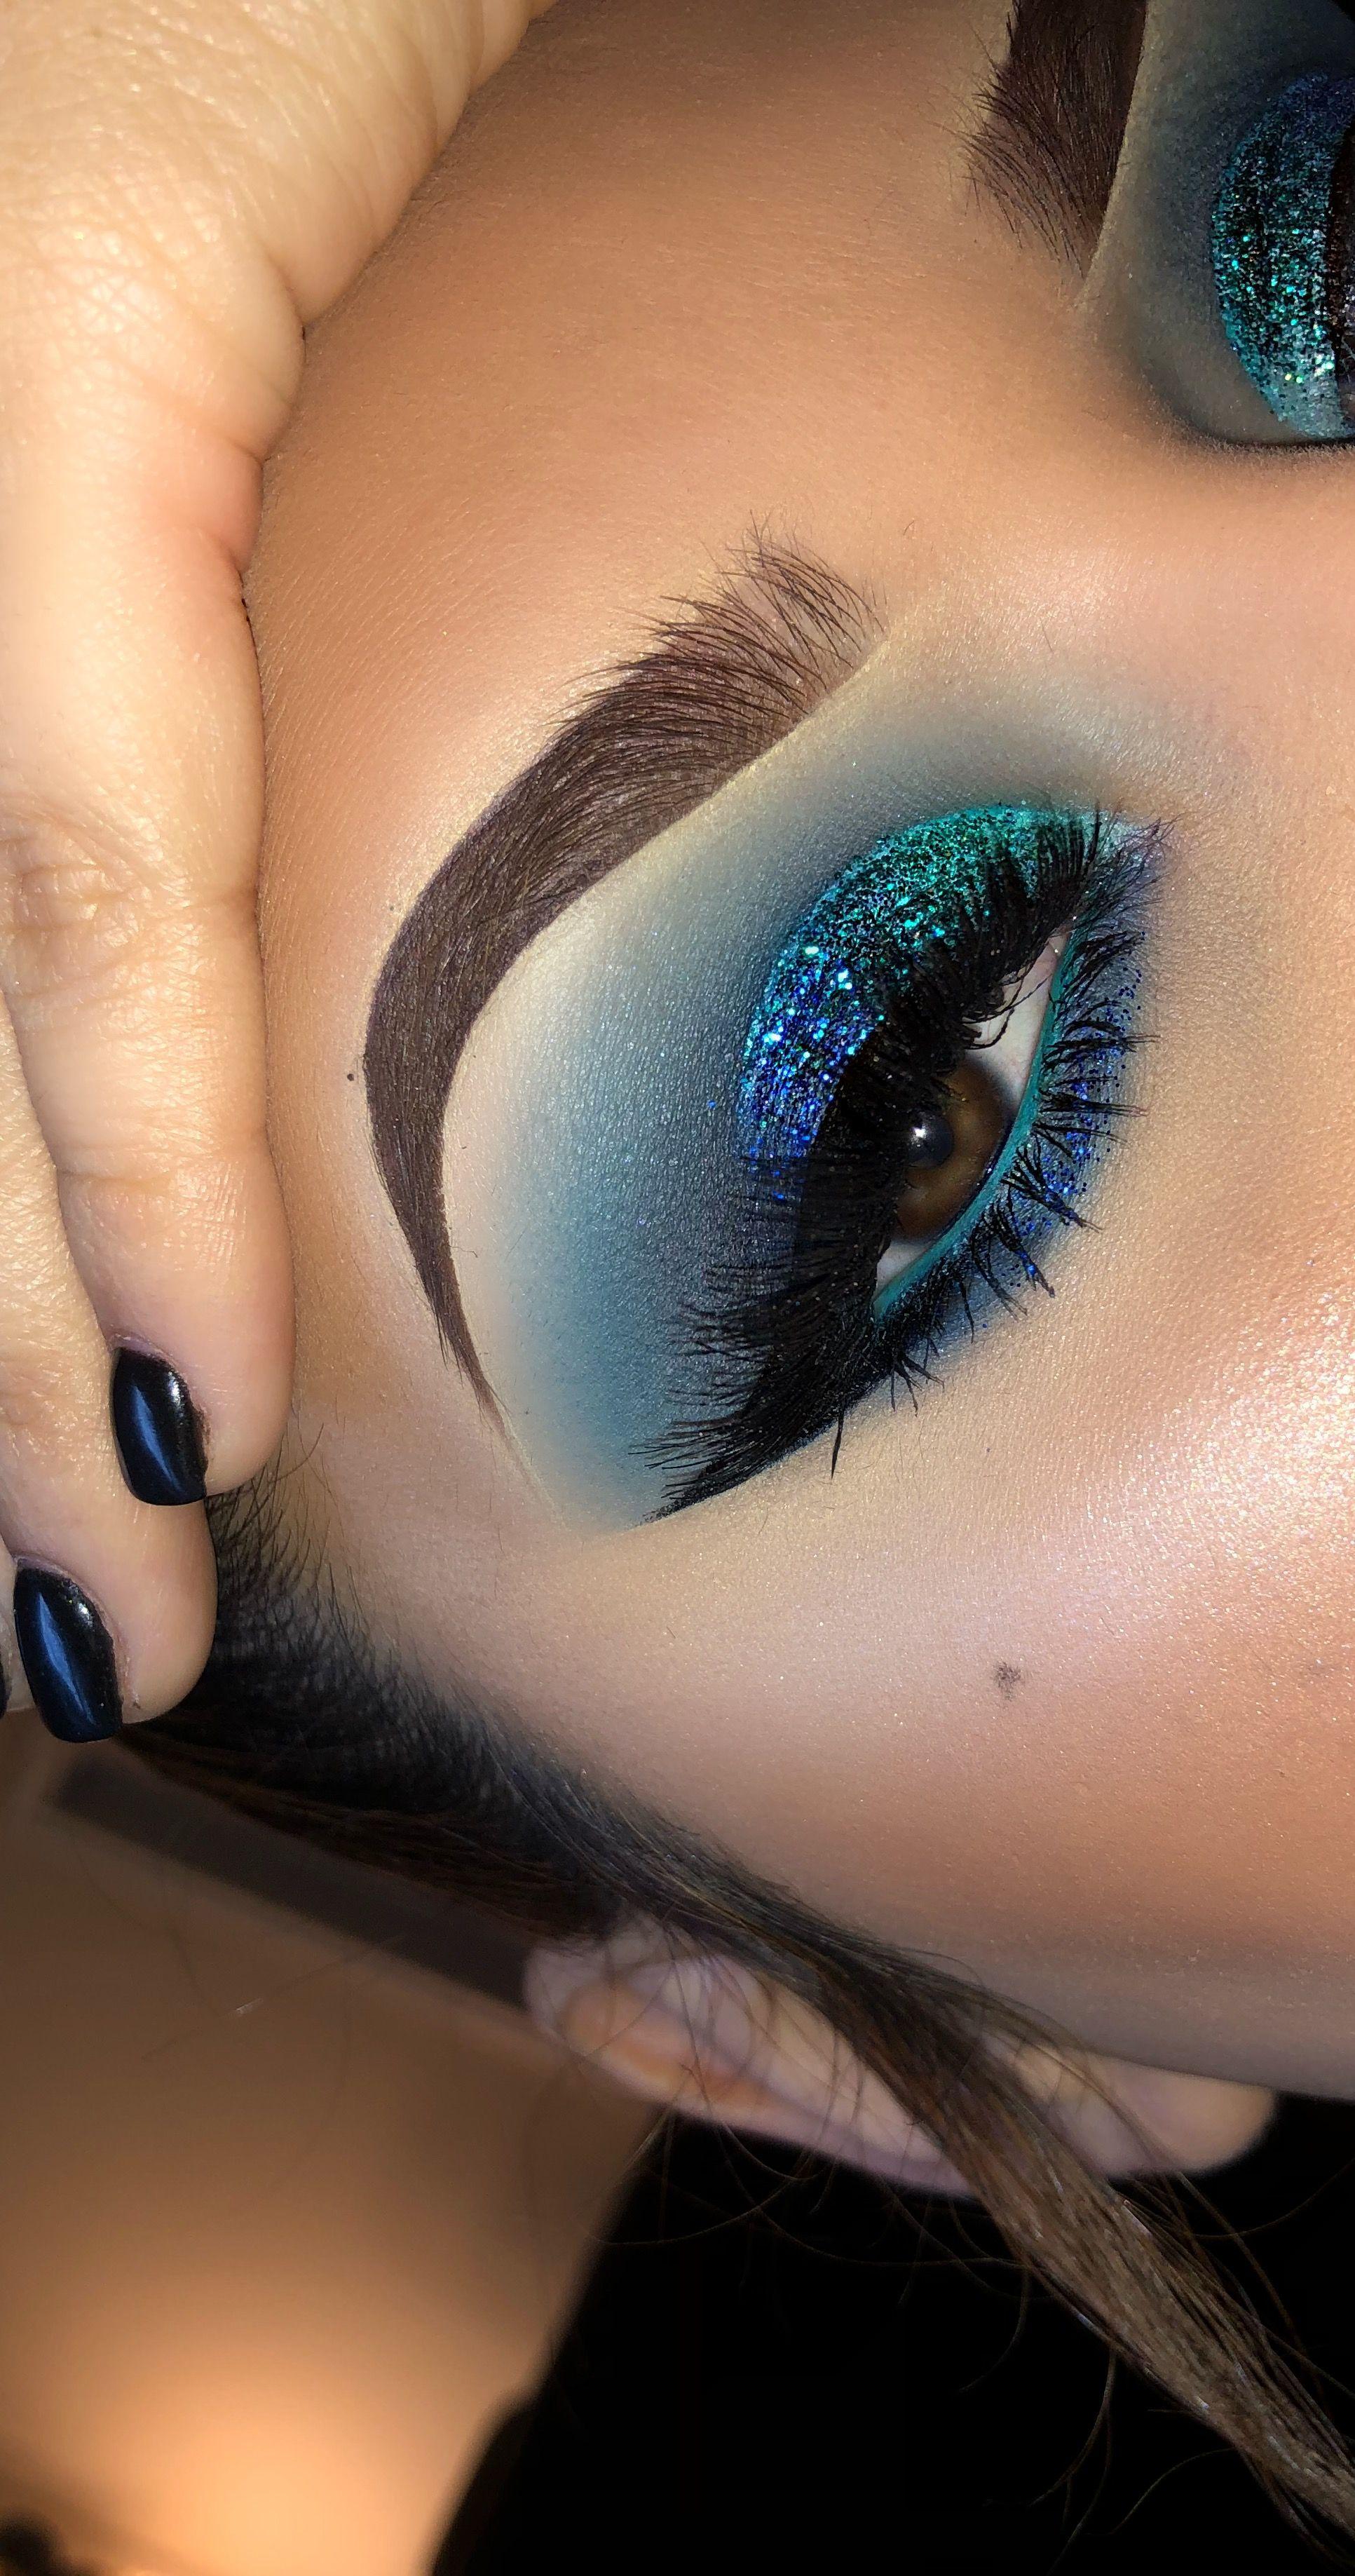 Teal & blue eyeshadow makeup   Blue eyeshadow makeup ...